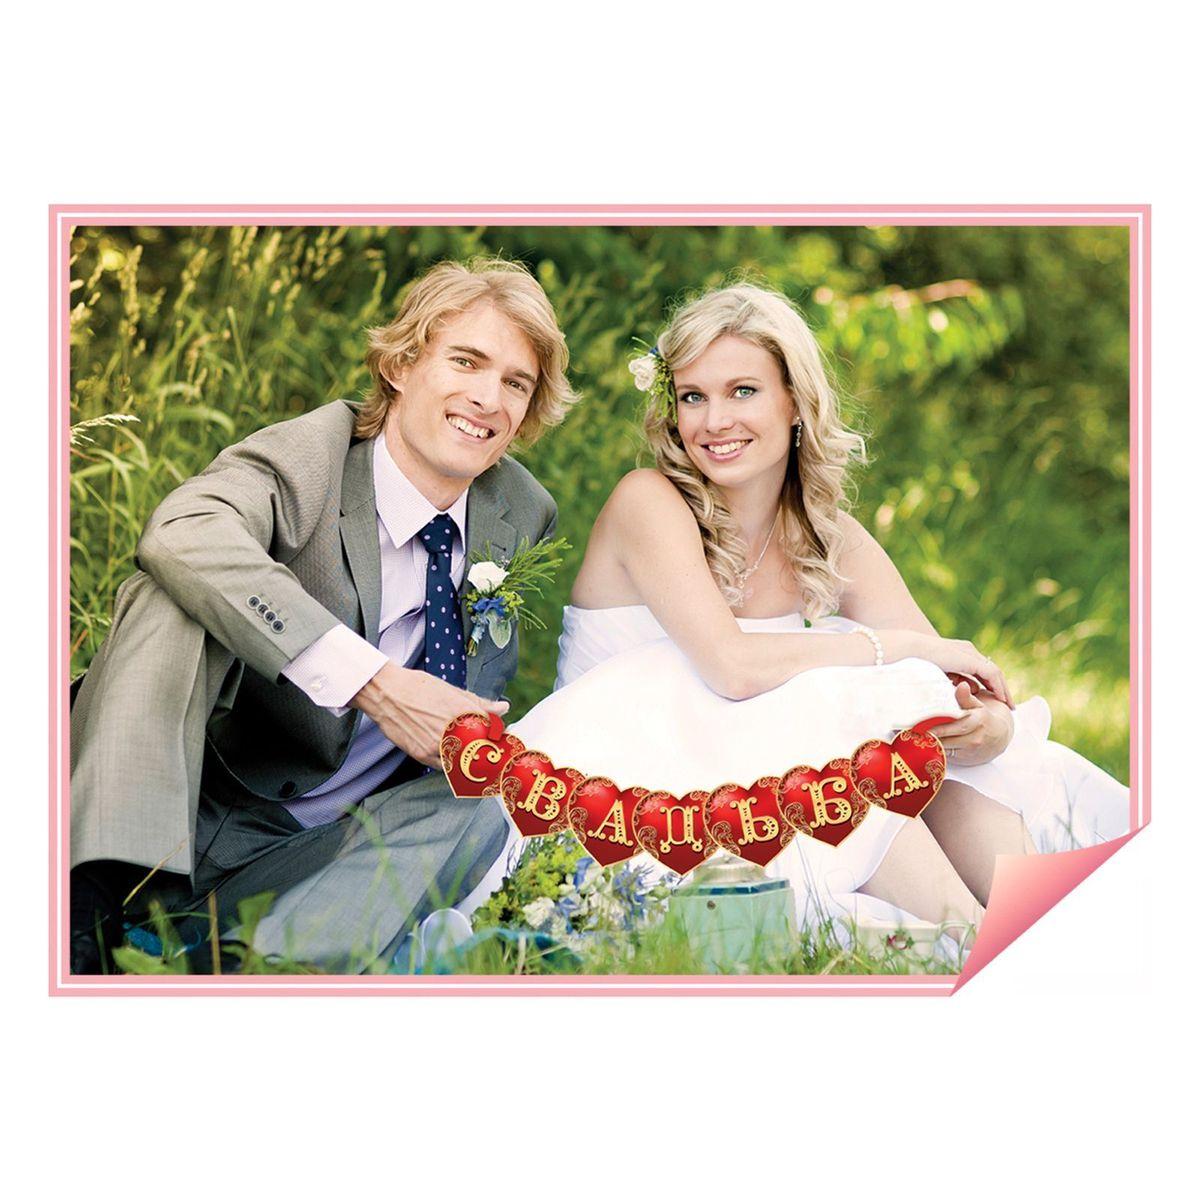 Фотобутафория на ленте Sima-land Свадьба, 11,3 x 140 x 0,1 смNLED-454-9W-BKФотобутафория на ленте Свадьба — прекрасный выбор для тех, кто хочет создать атмосферу праздника и сделать запоминающиеся свадебные снимки. На лицевой стороне напечатана красочная надпись. Украшение легко крепится на стену или дверной проём с помощью клейкой ленты или кнопок. Его также можно держать в руках.Уникальный дизайн создаст незабываемую атмосферу праздника и подарит море позитивных эмоций!